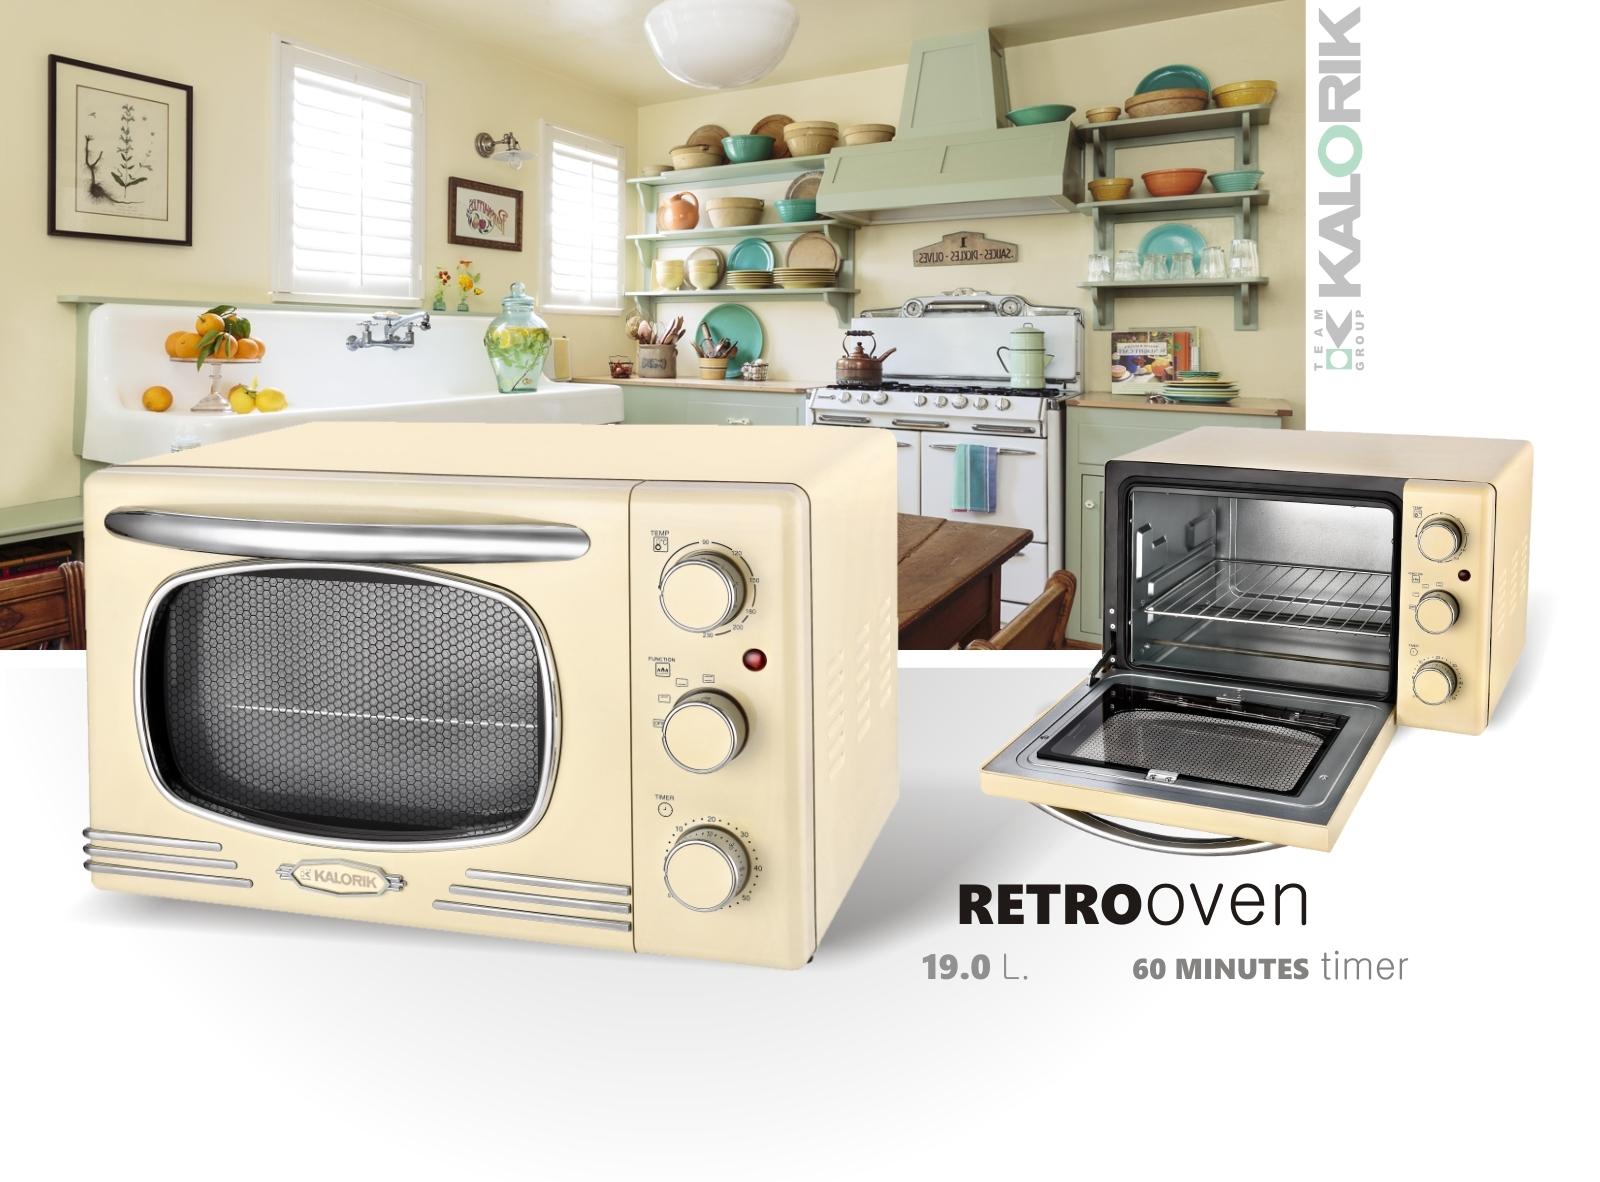 Küchenset Edelstahl 3-teilig 2-Scheiben Toaster Wasserkocher 1,7 L Miniofen 19,5L Retro Creme-Weiß Bild 9